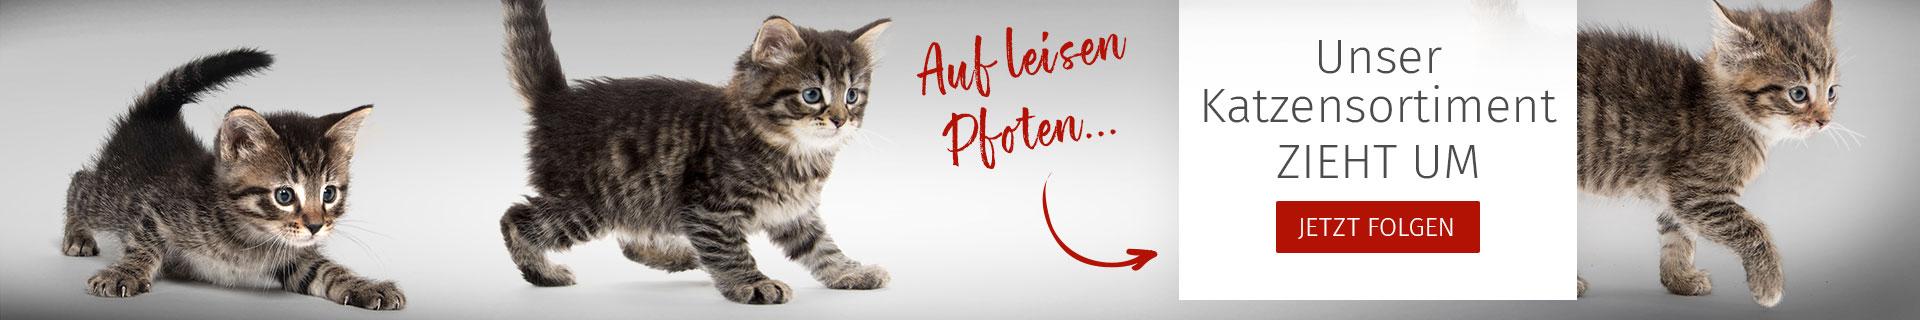 Auf leisen Pfoten - Das Katzen-Sortiment zieht um